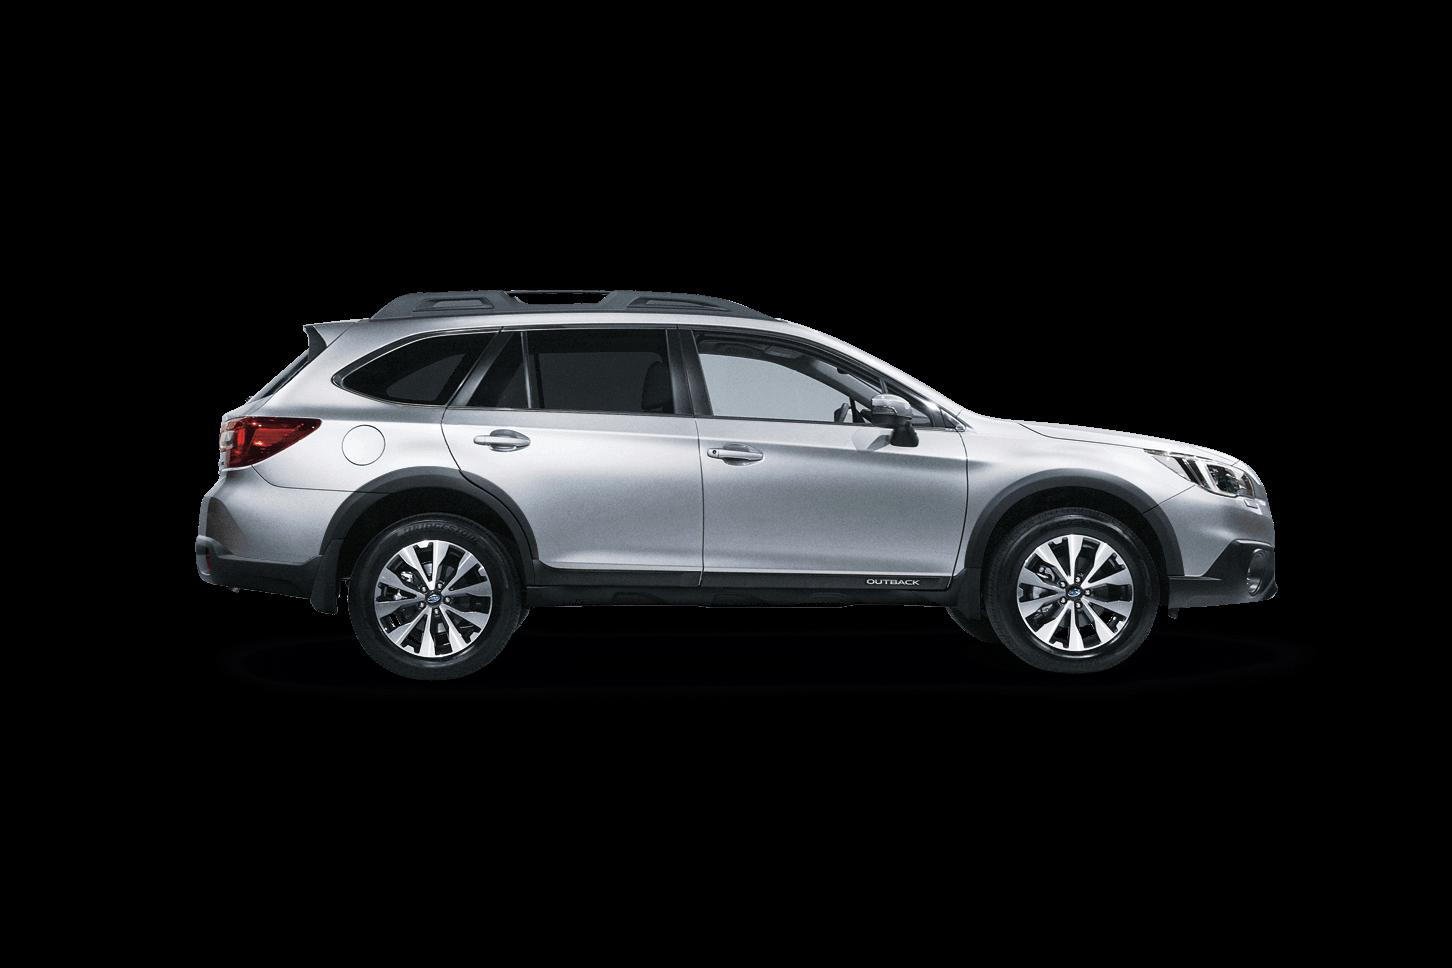 Subaru Outback 2.5i Premium SUV